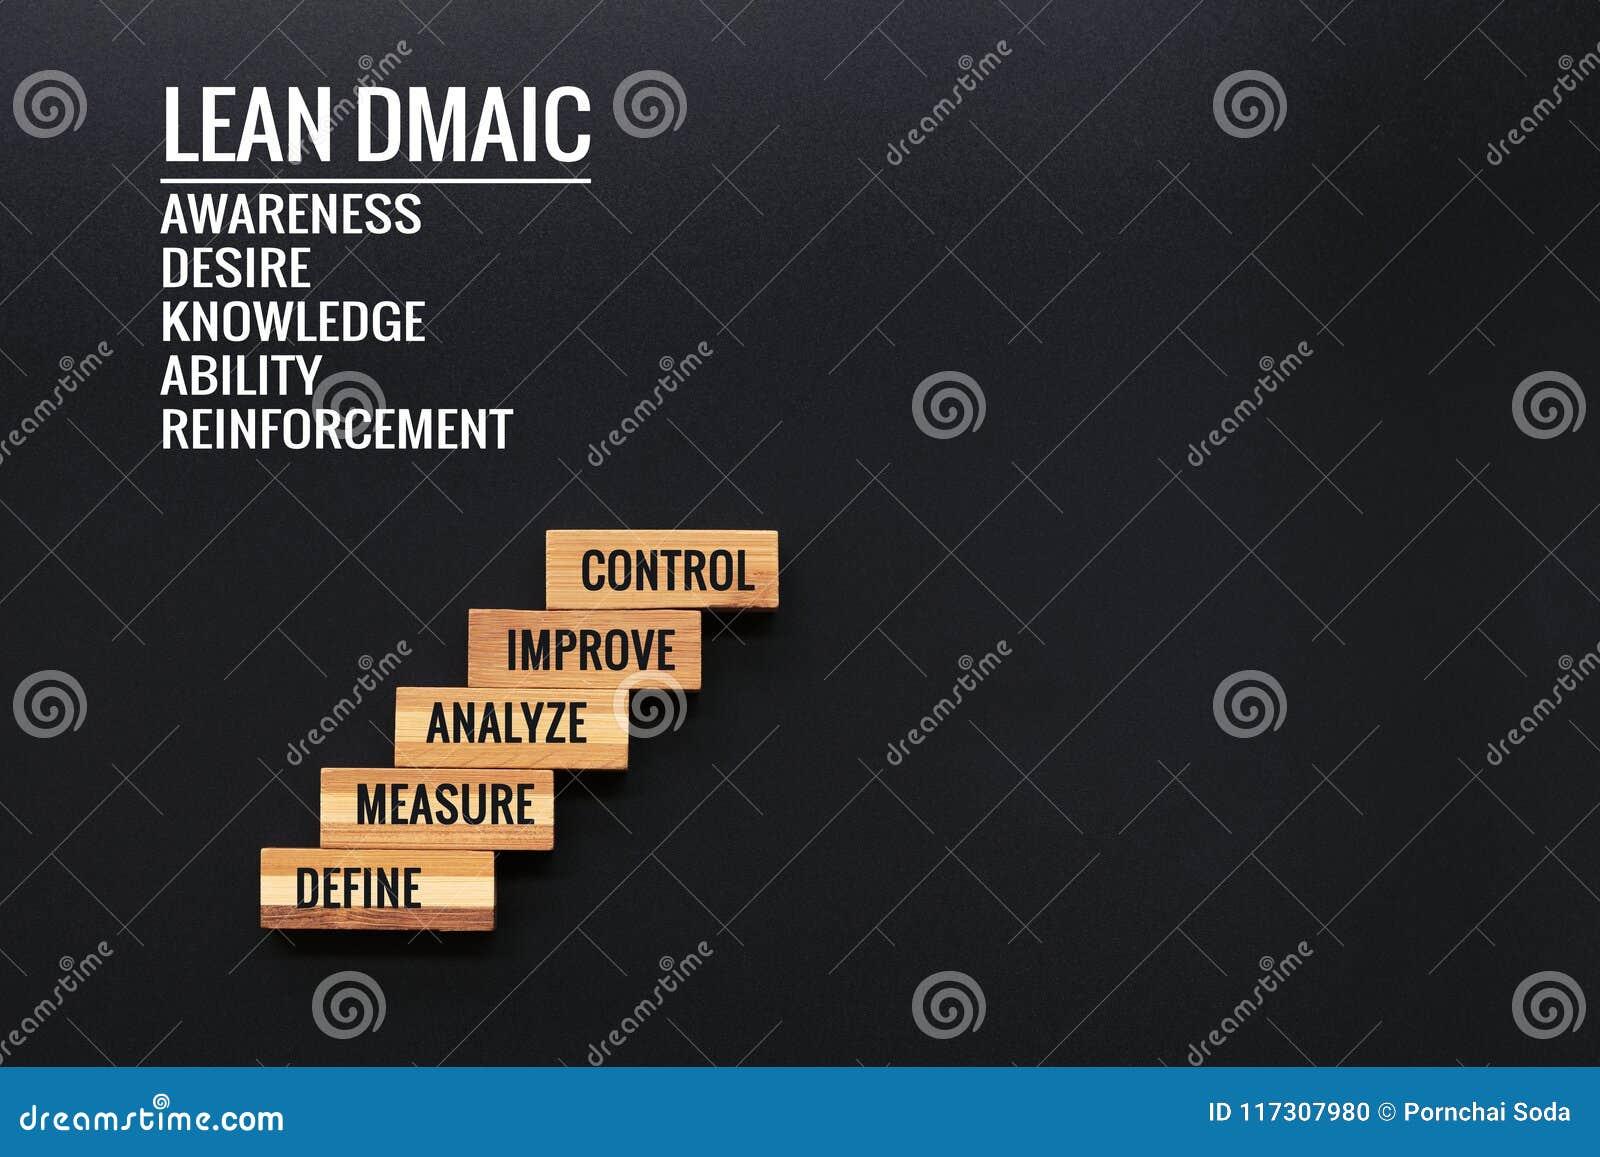 ΑΔΥΝΑΤΗ έννοια επιχειρησιακής βελτίωσης DMAIC το ξύλινο βήμα με το κείμενο καθορίζει, μετρά, αναλύει, βελτιώνεται και έλεγχος με